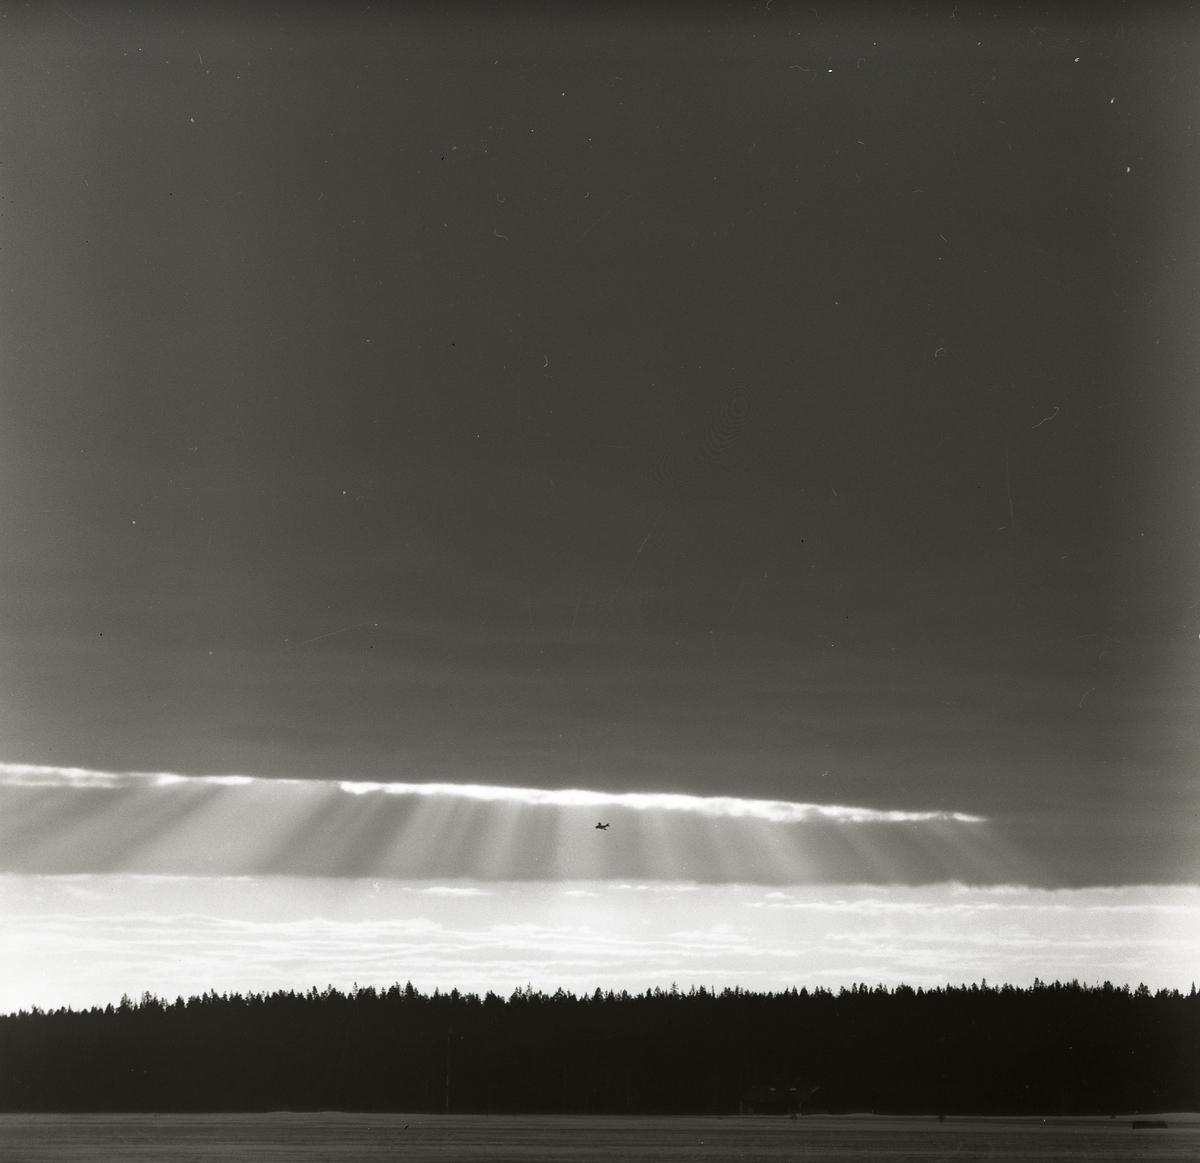 Ett flygplan av modellen J29 Tunnan flyger ovanför skog vid F15 i Söderhamn 1957. Flygplanet befinner sig intill en öppning i molntäcket där solen lyser igenom.